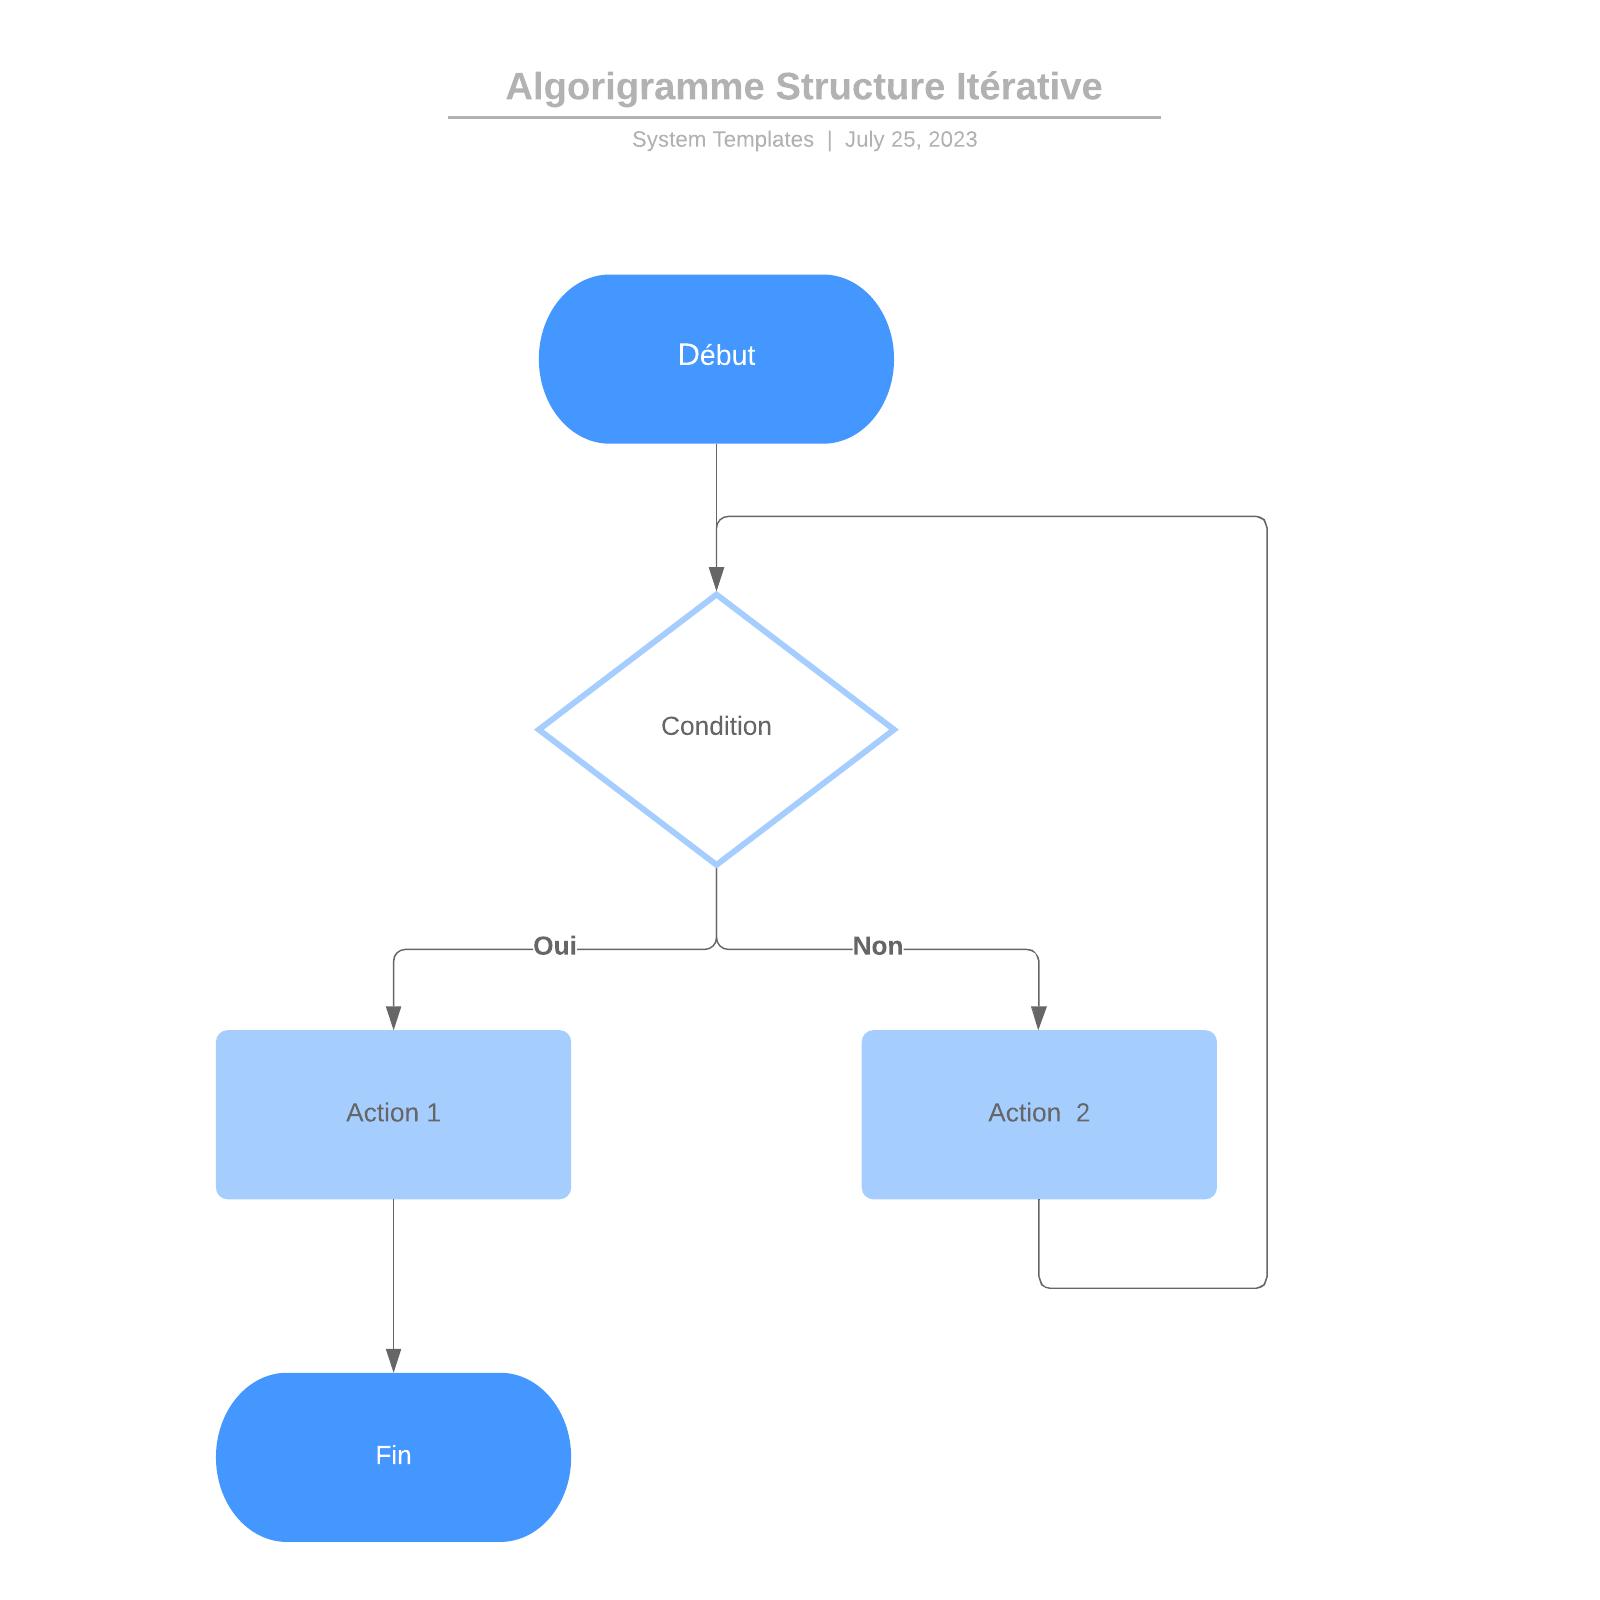 exemple d'algorigramme à structure itérative